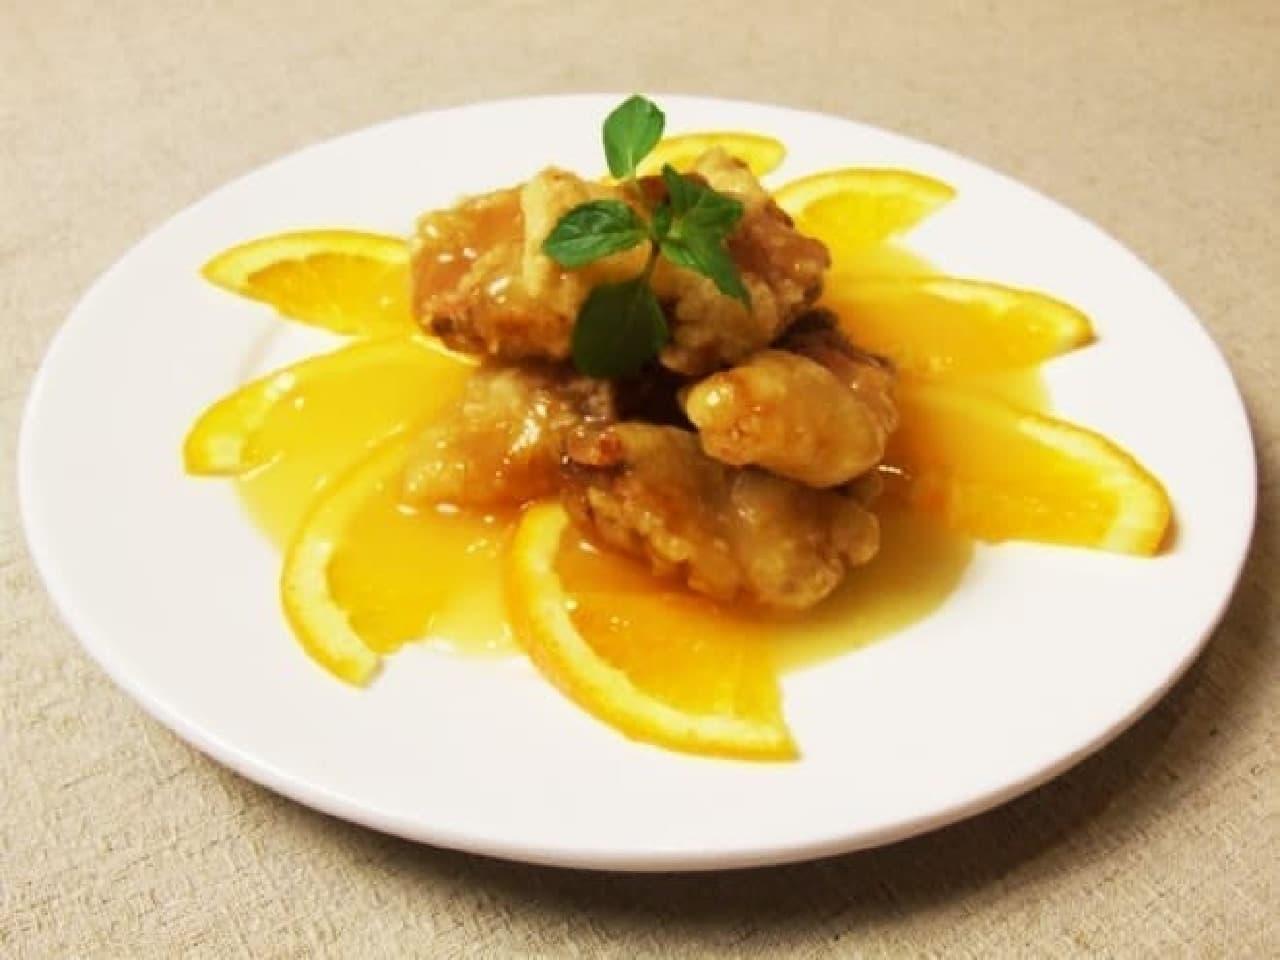 愛知の中華料理店「盛香倫(セイカリン)」の「エビス鯛の香味揚げオレンジソース」